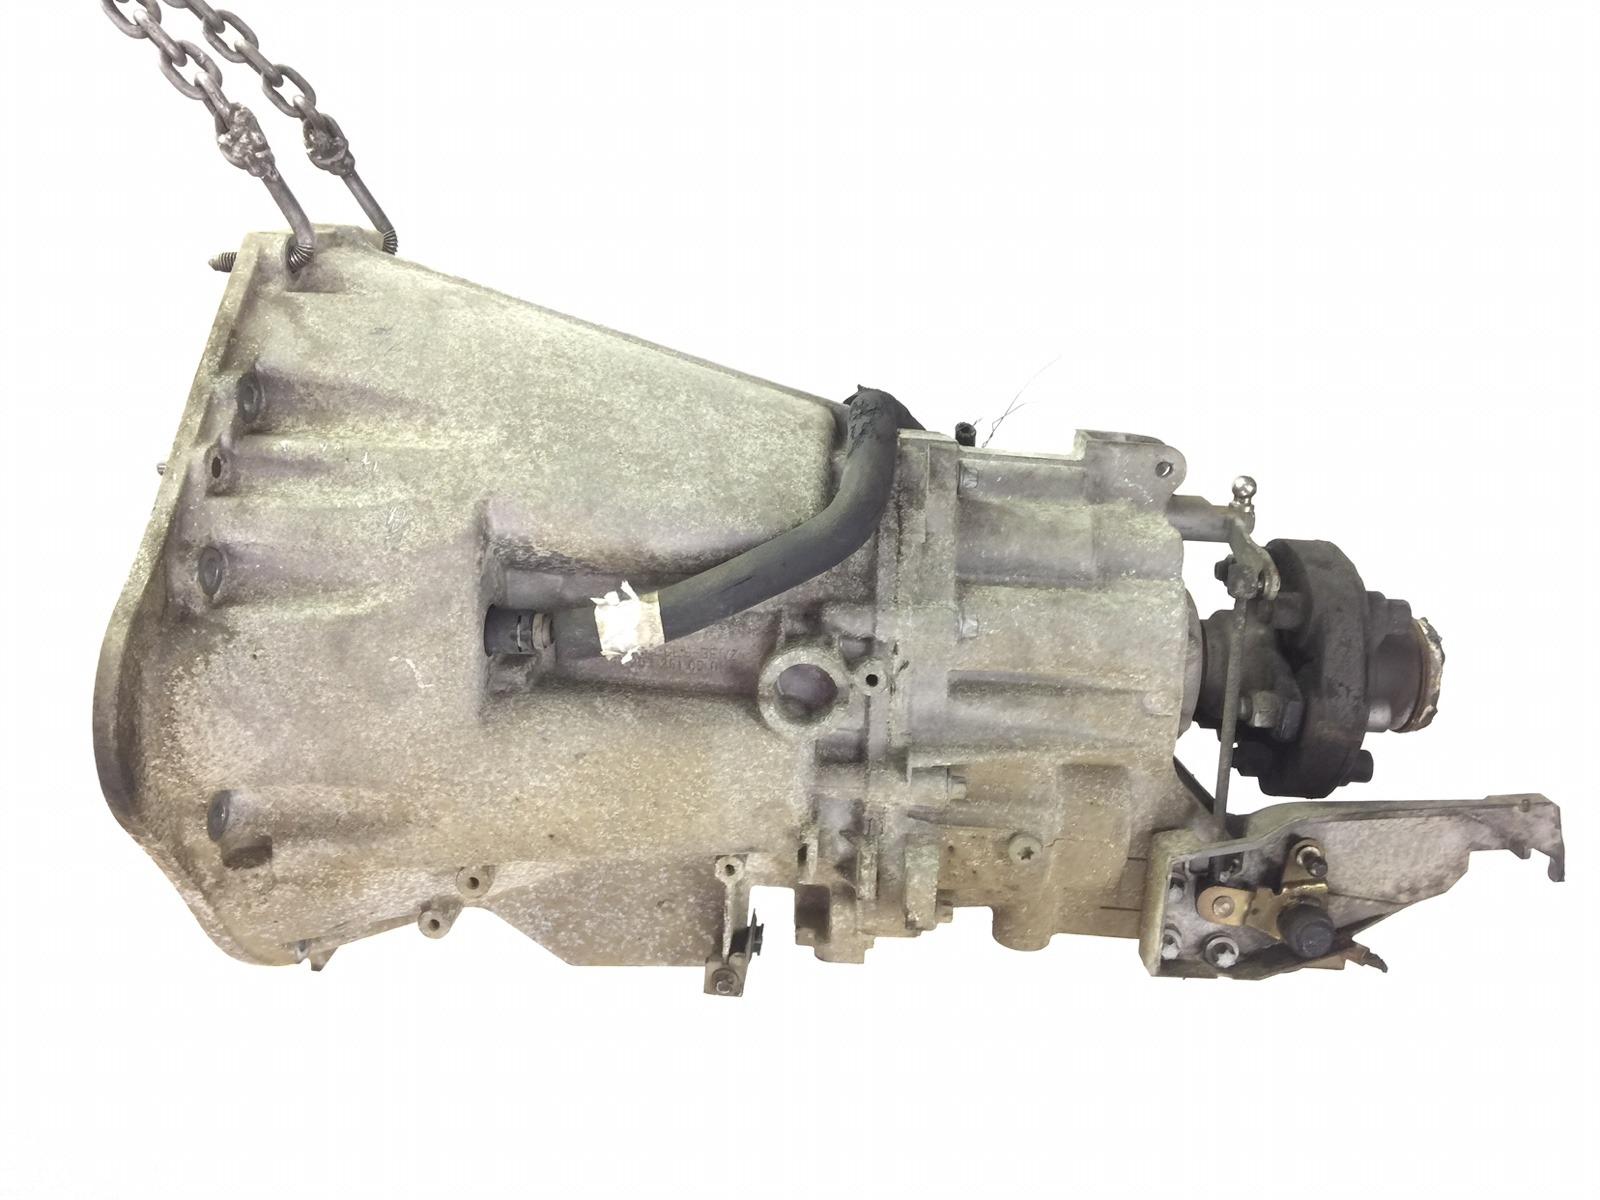 Кпп механическая (мкпп) Mercedes C W203 1.8 I 2003 (б/у)